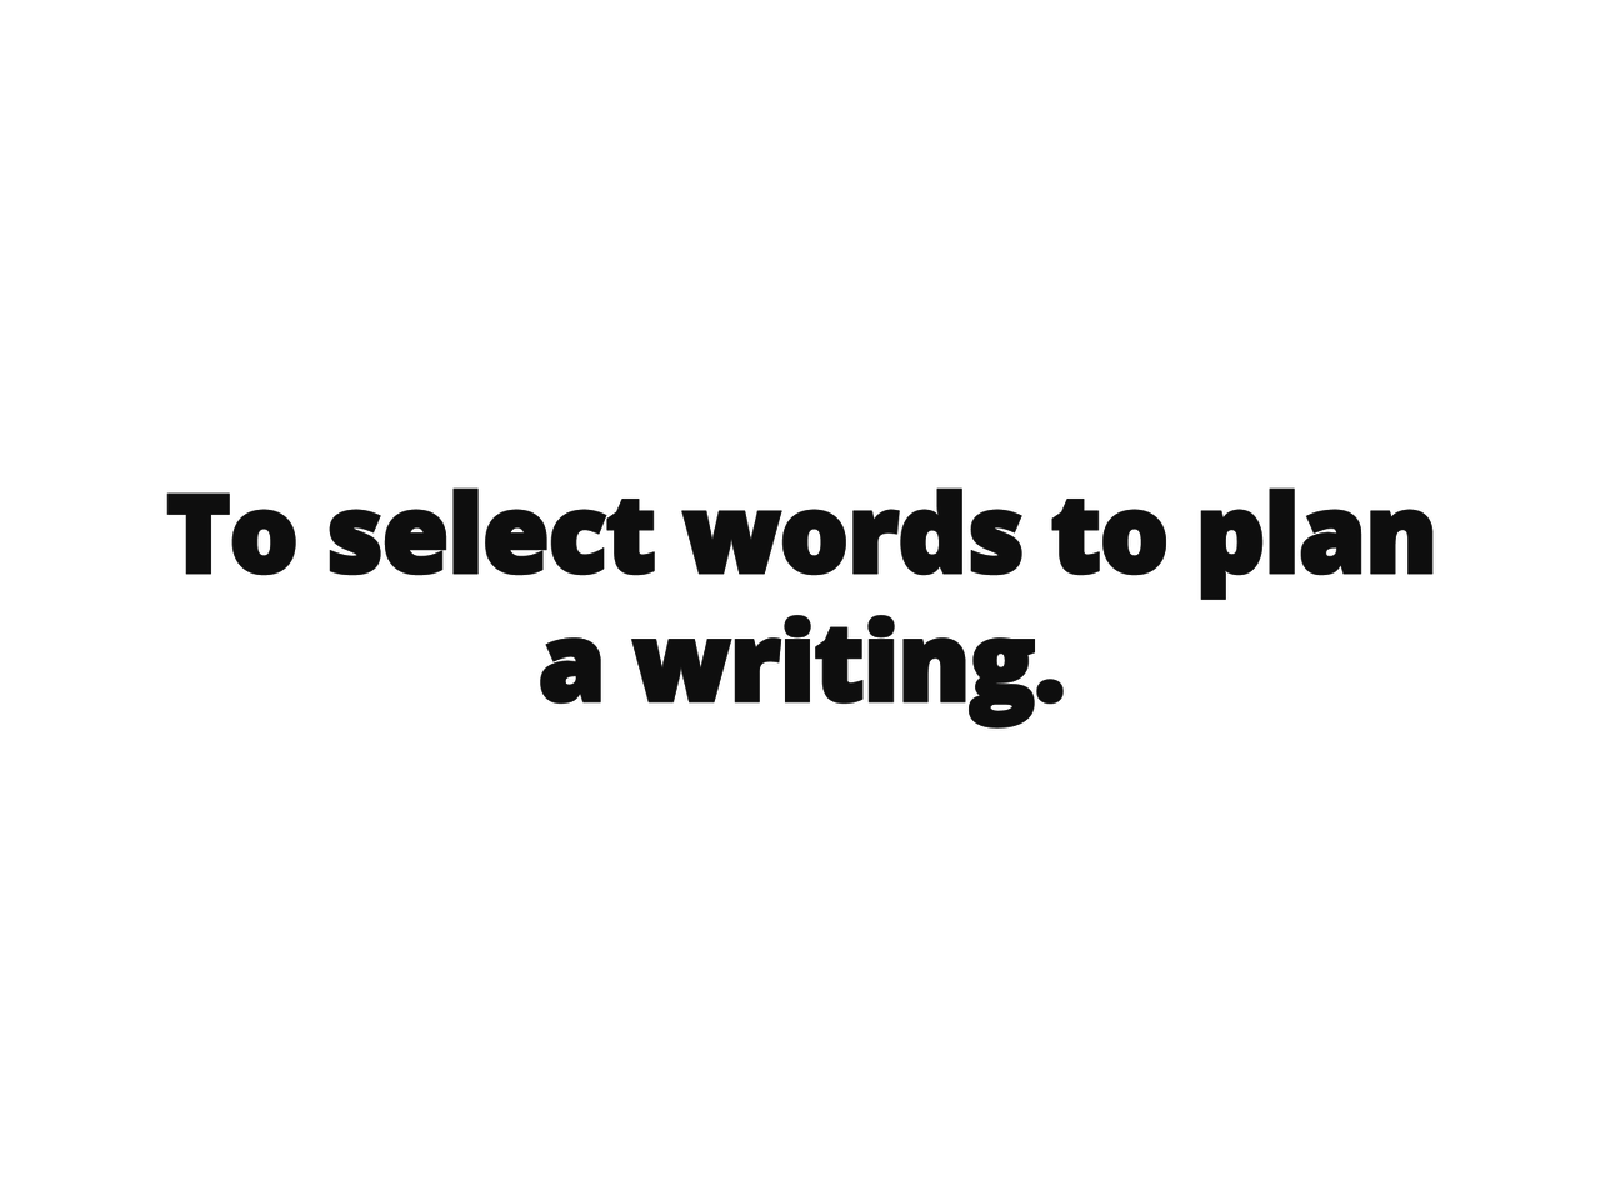 Seleção de palavras